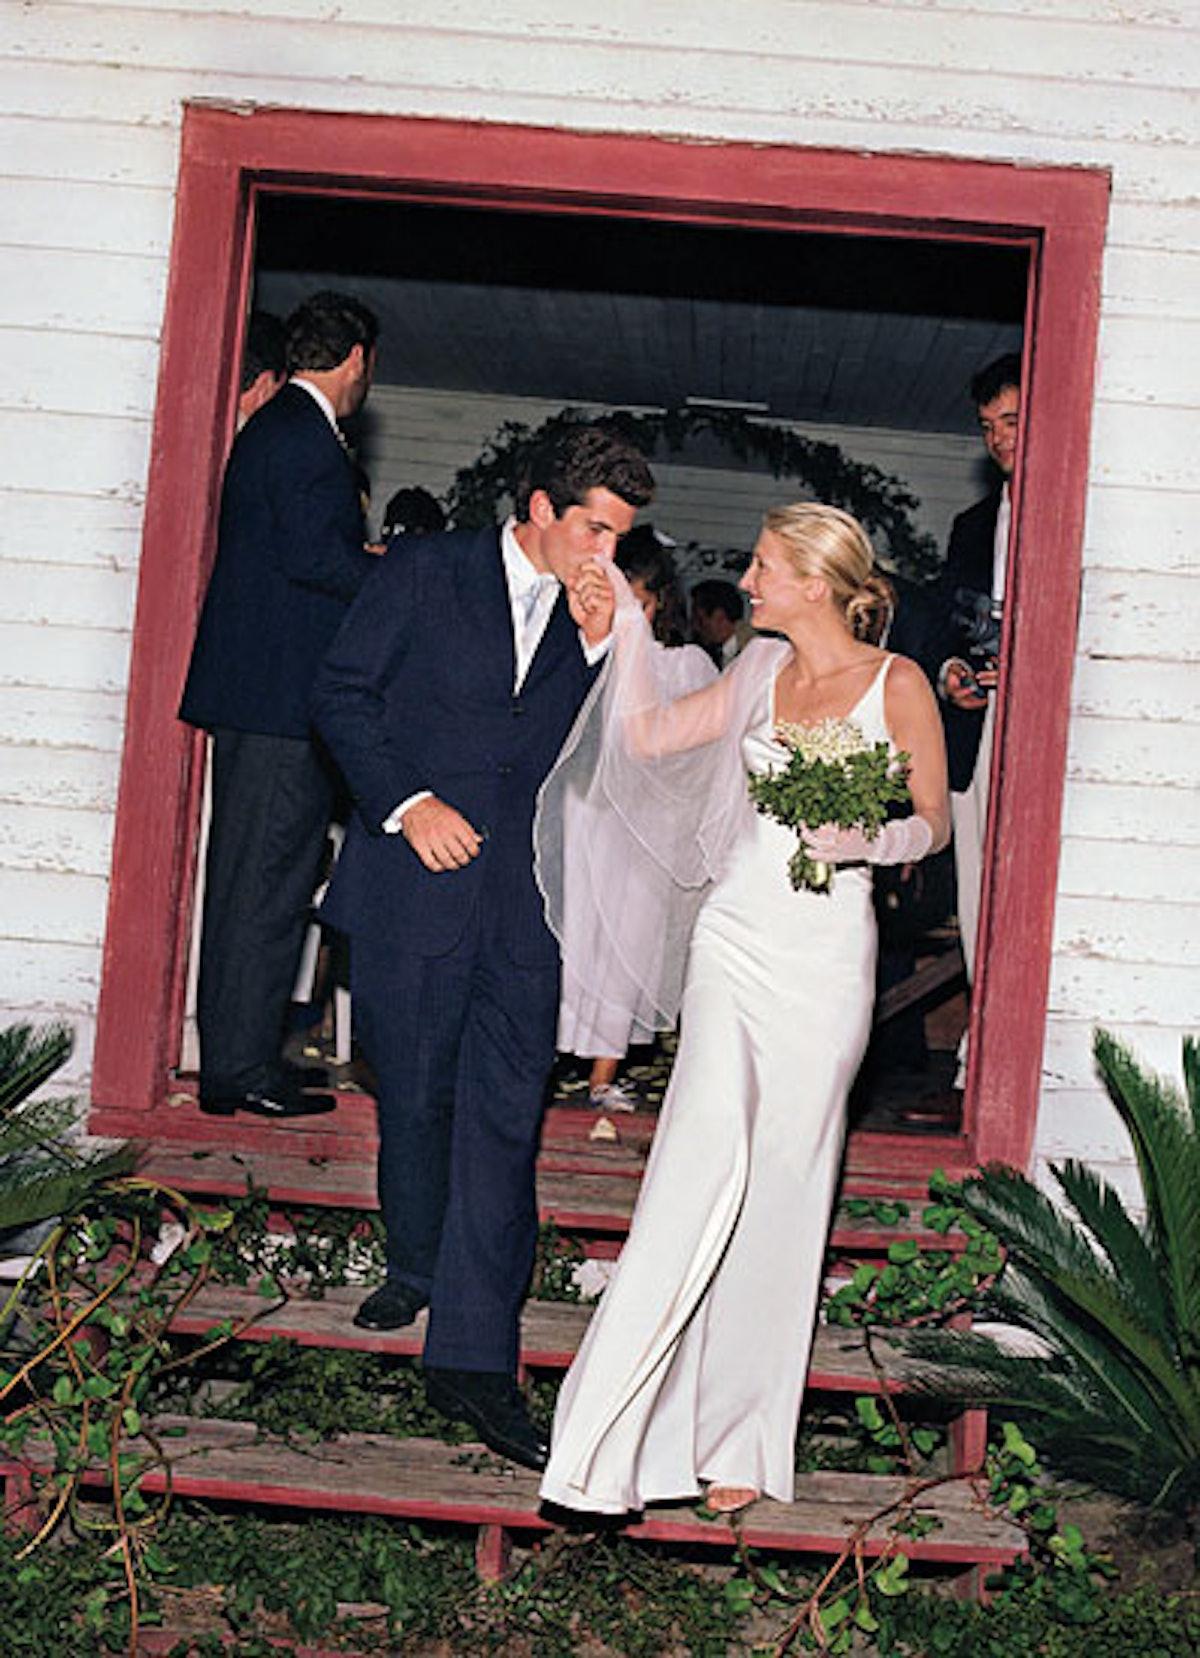 pass-w-archives-weddings-02-v.jpg